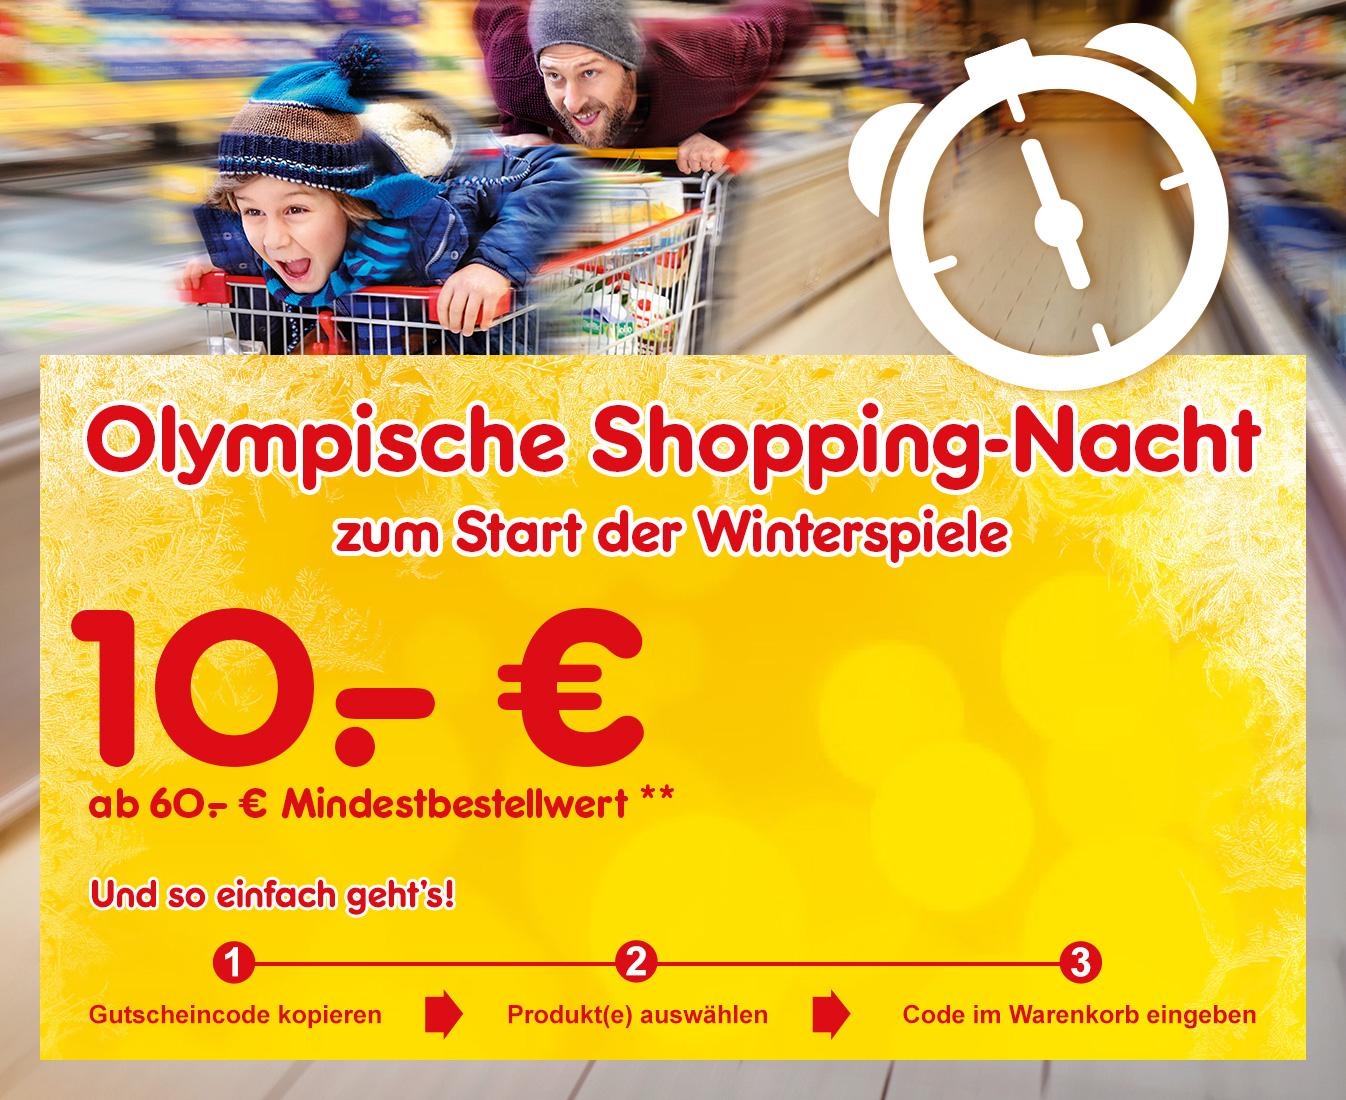 Netto Marken-Discount 10€ Online Gutscheincode (MBW 60EUR) - Nur heute von 18:00 -0:00 Uhr